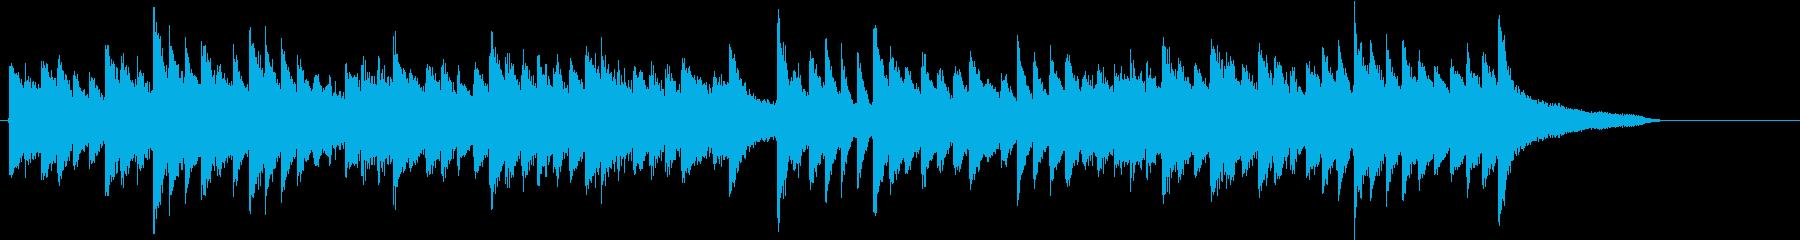 童謡・うれしいひなまつりピアノジングルFの再生済みの波形